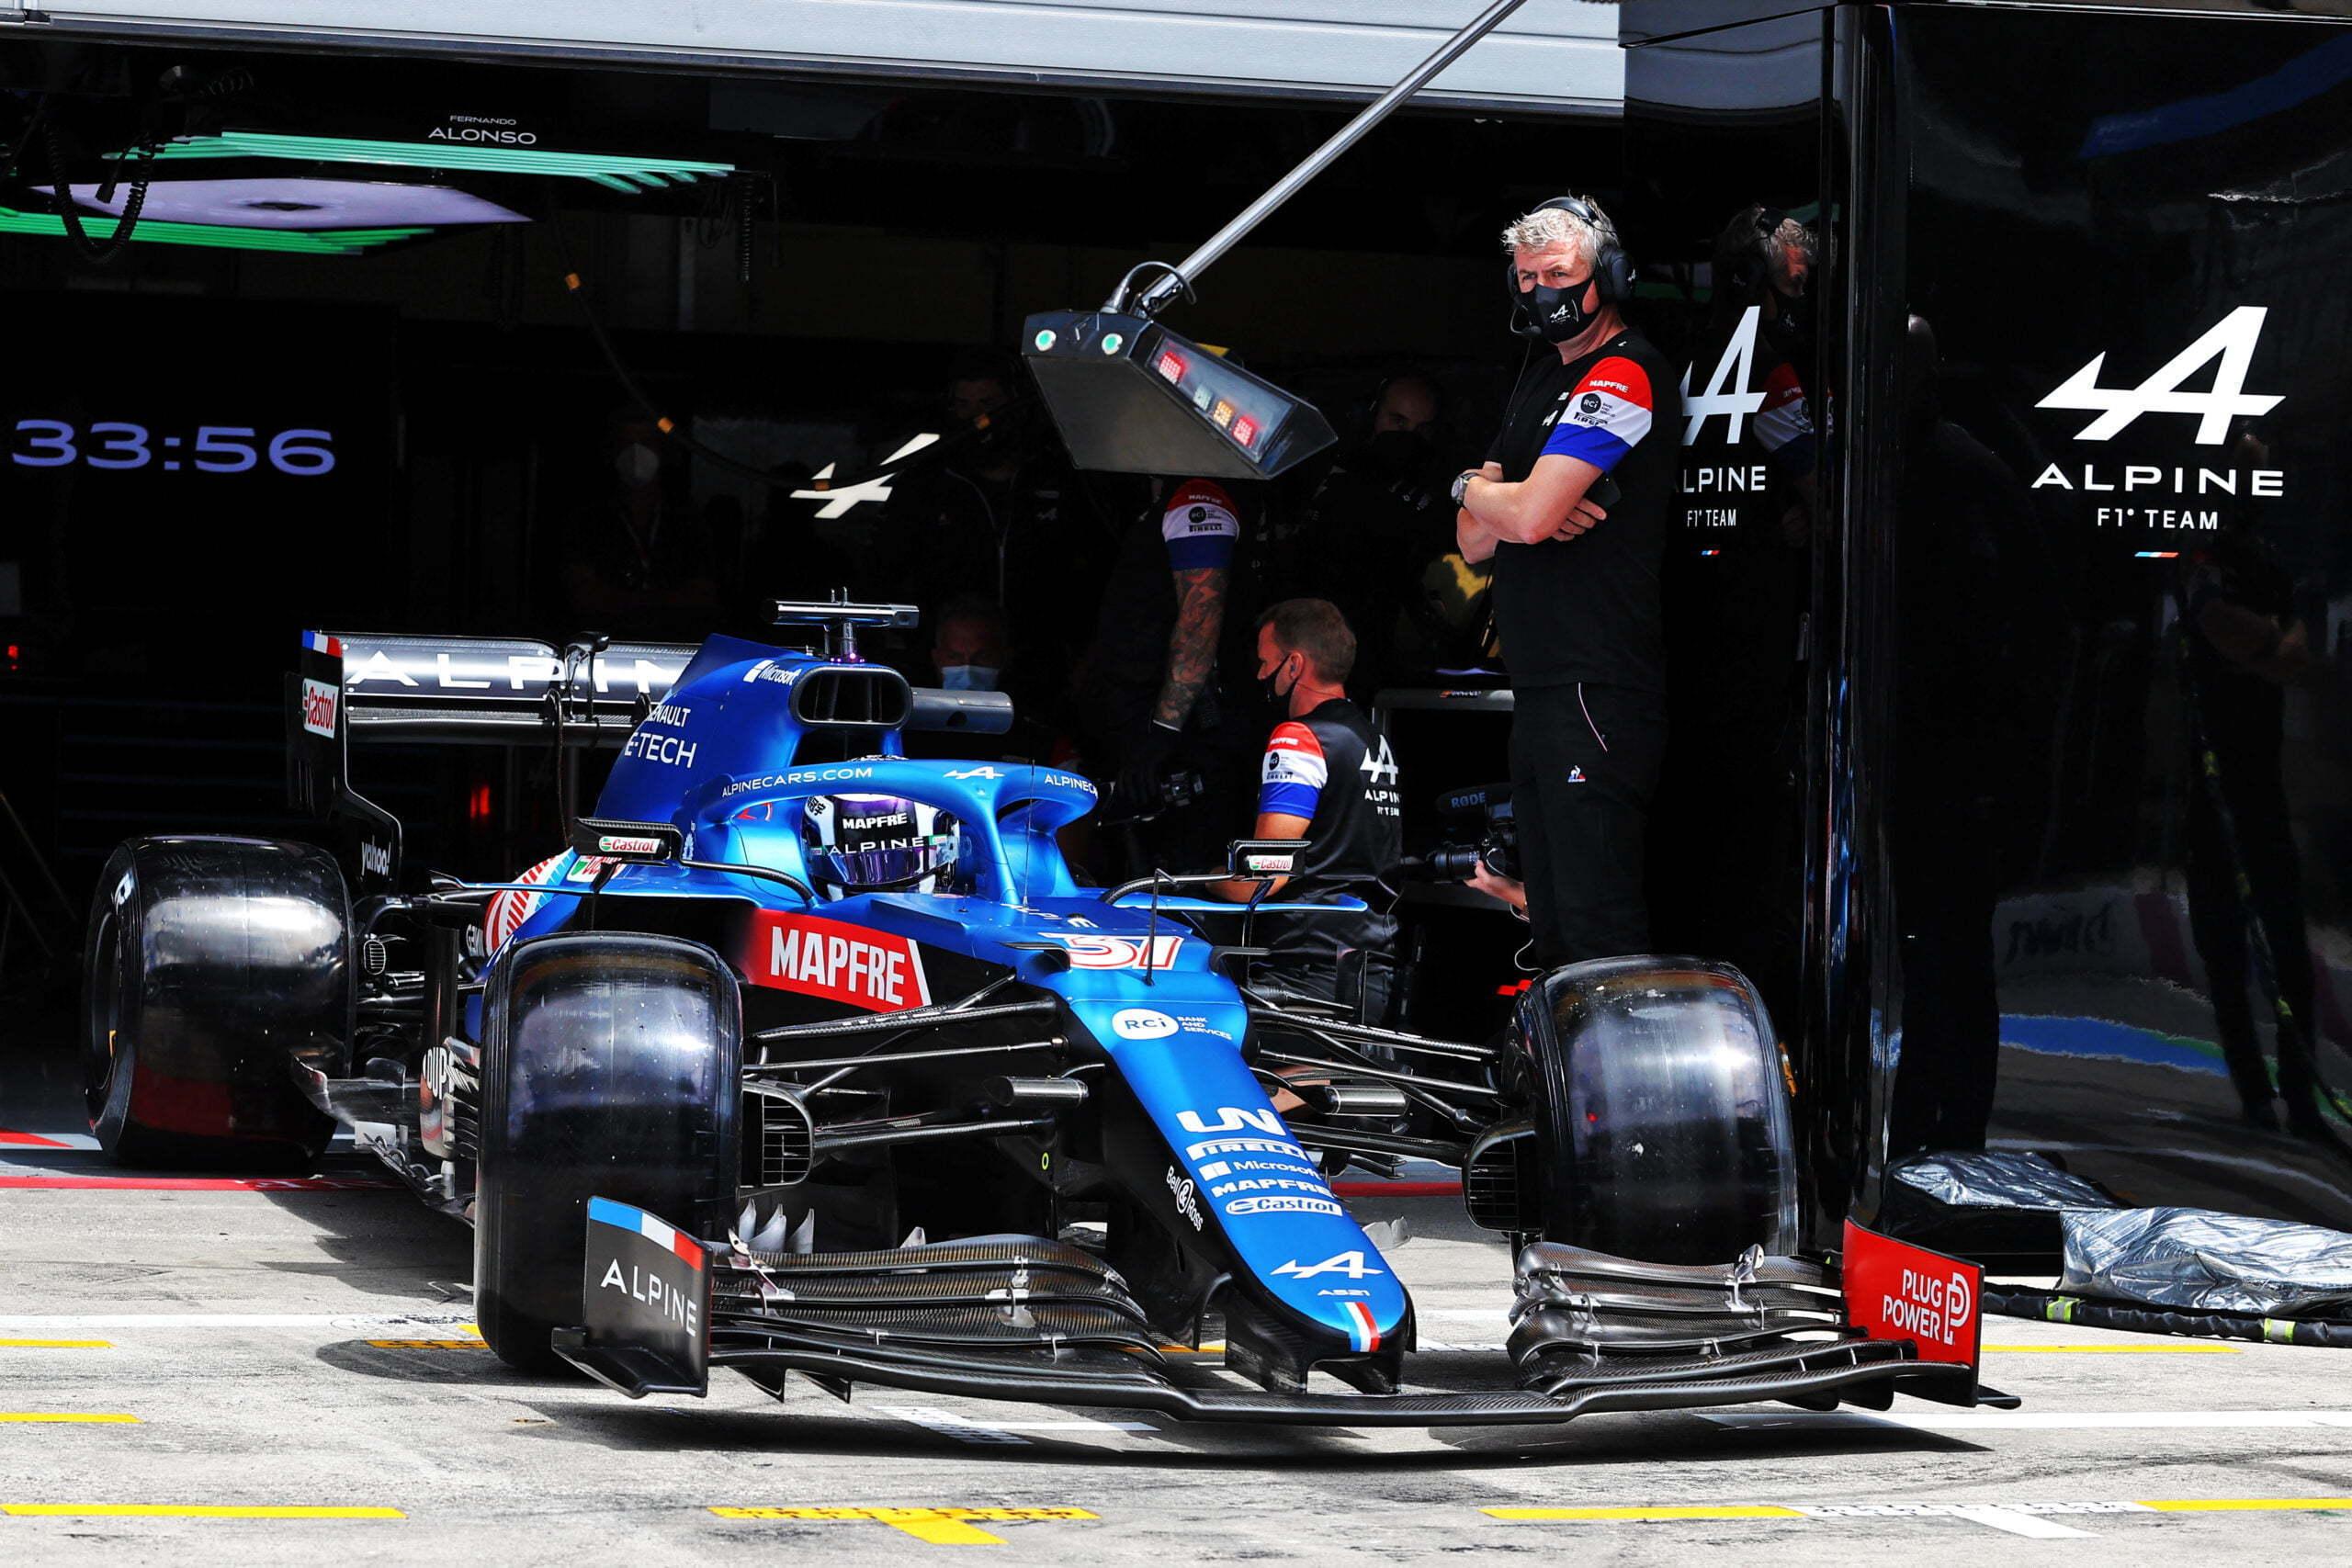 Alpine F1 Alonso Ocon A521 GP Autriche Spielberg 2021 26 scaled | Alpine F1 : Alonso rapporte un point au Grand-Prix d'Autriche